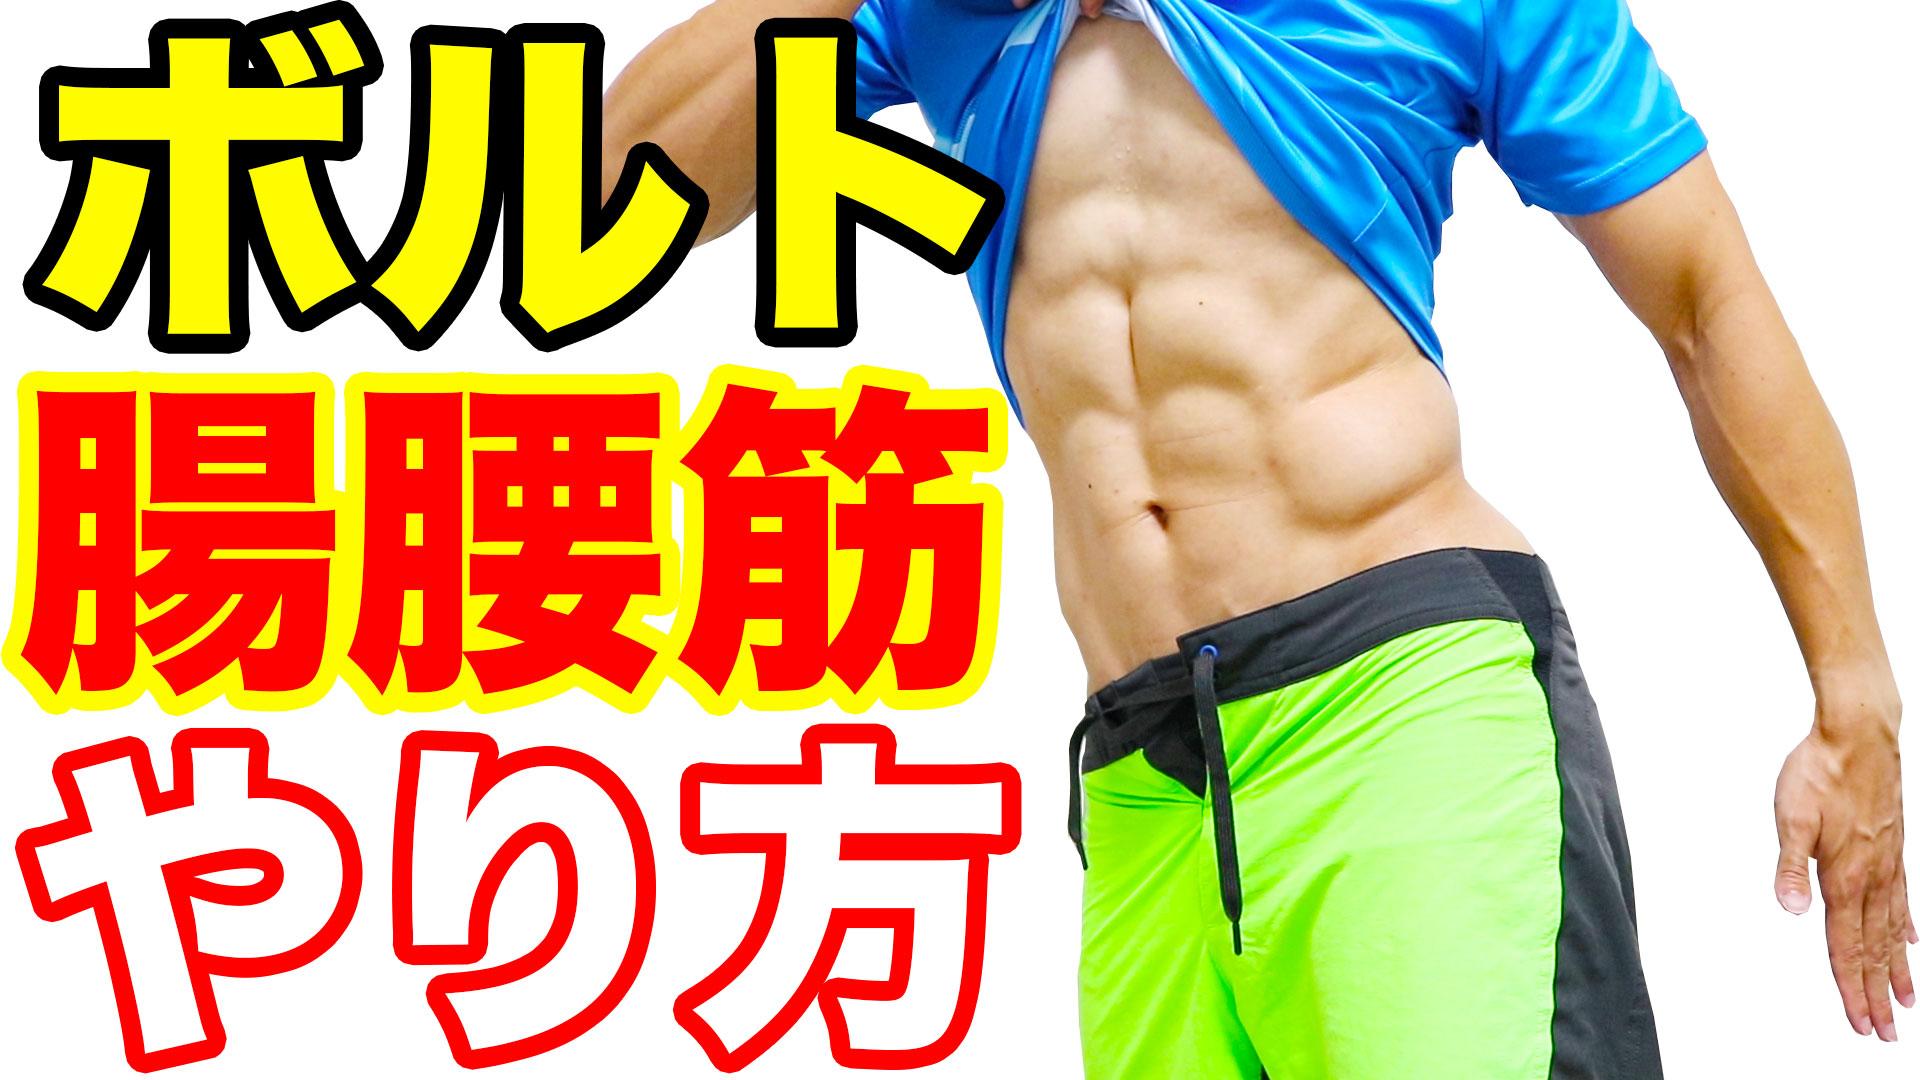 ウサインボルトトレーニング!腸腰筋を鍛えてシックスパックとヒップアップを同時に実現する方法!